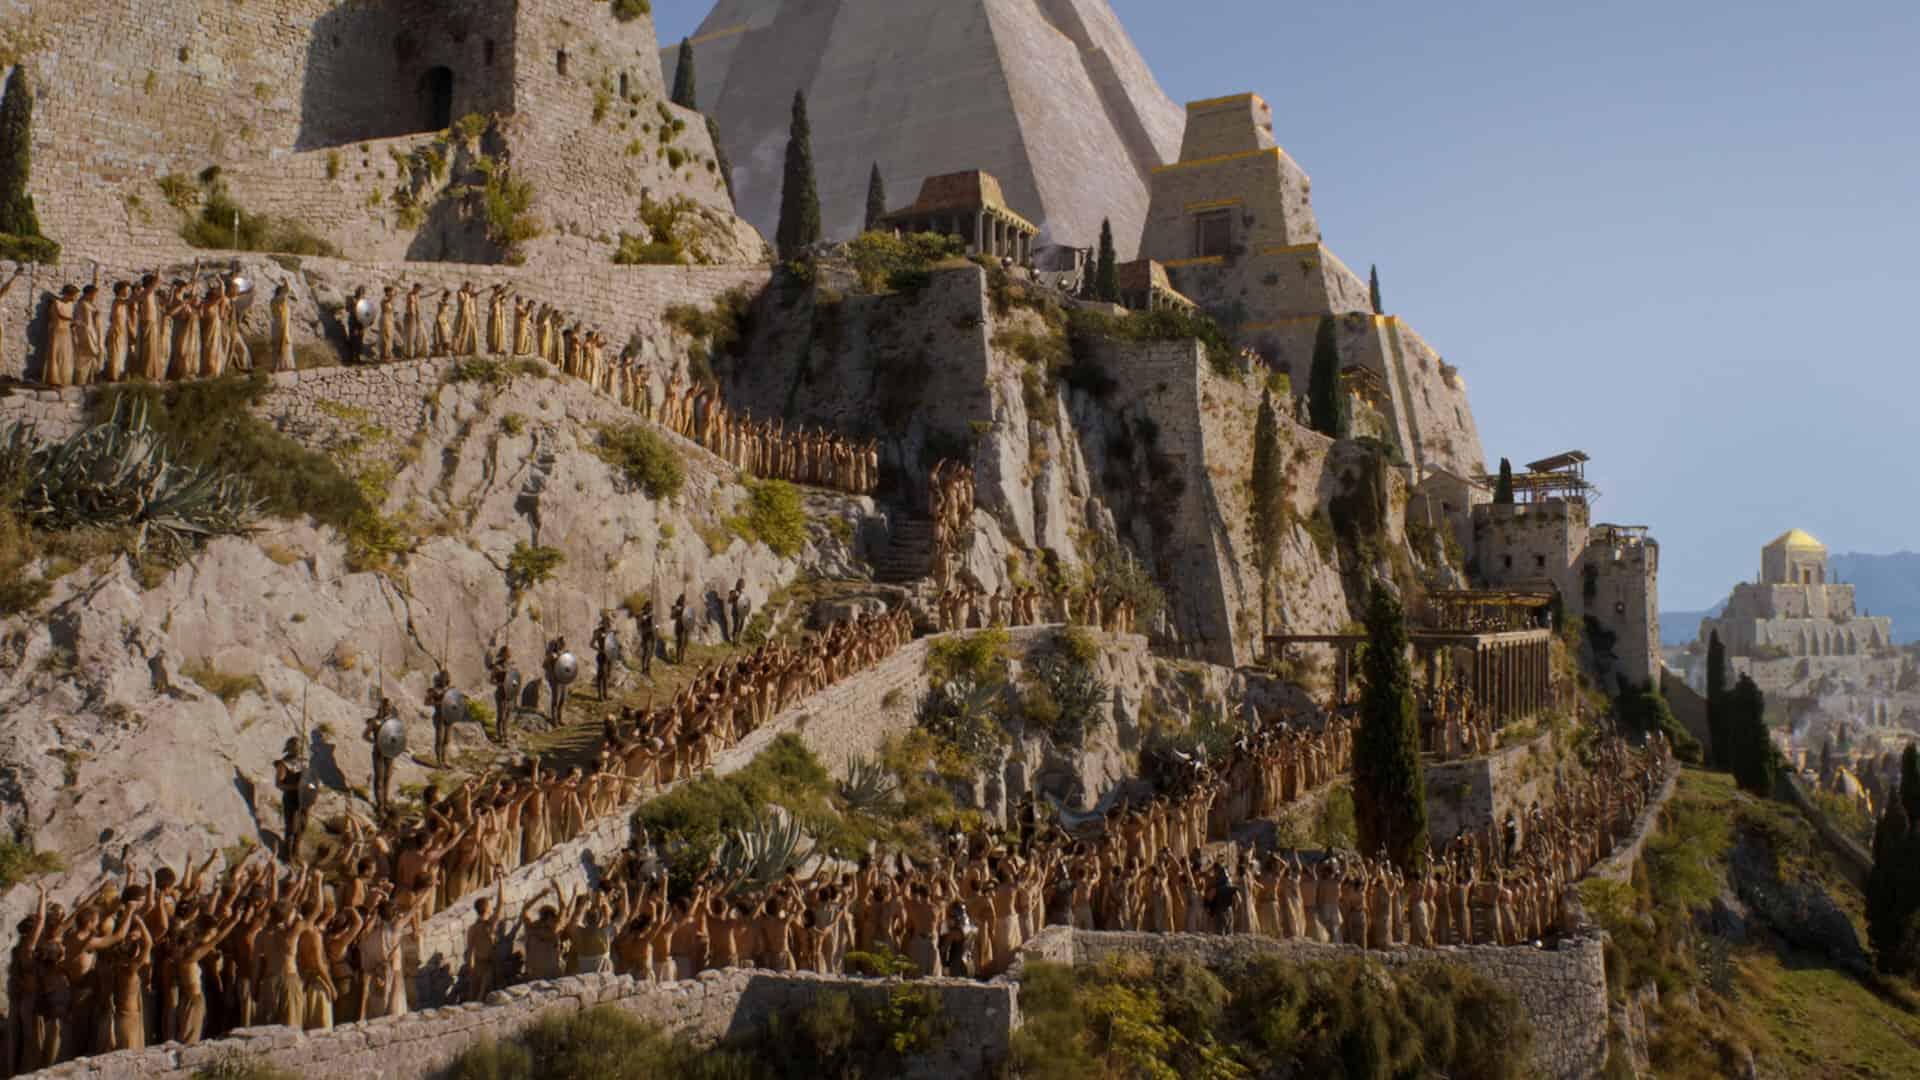 Copie d'écran tirée de la série « Game of Thrones » - saison 5, épisode 4 / HBO